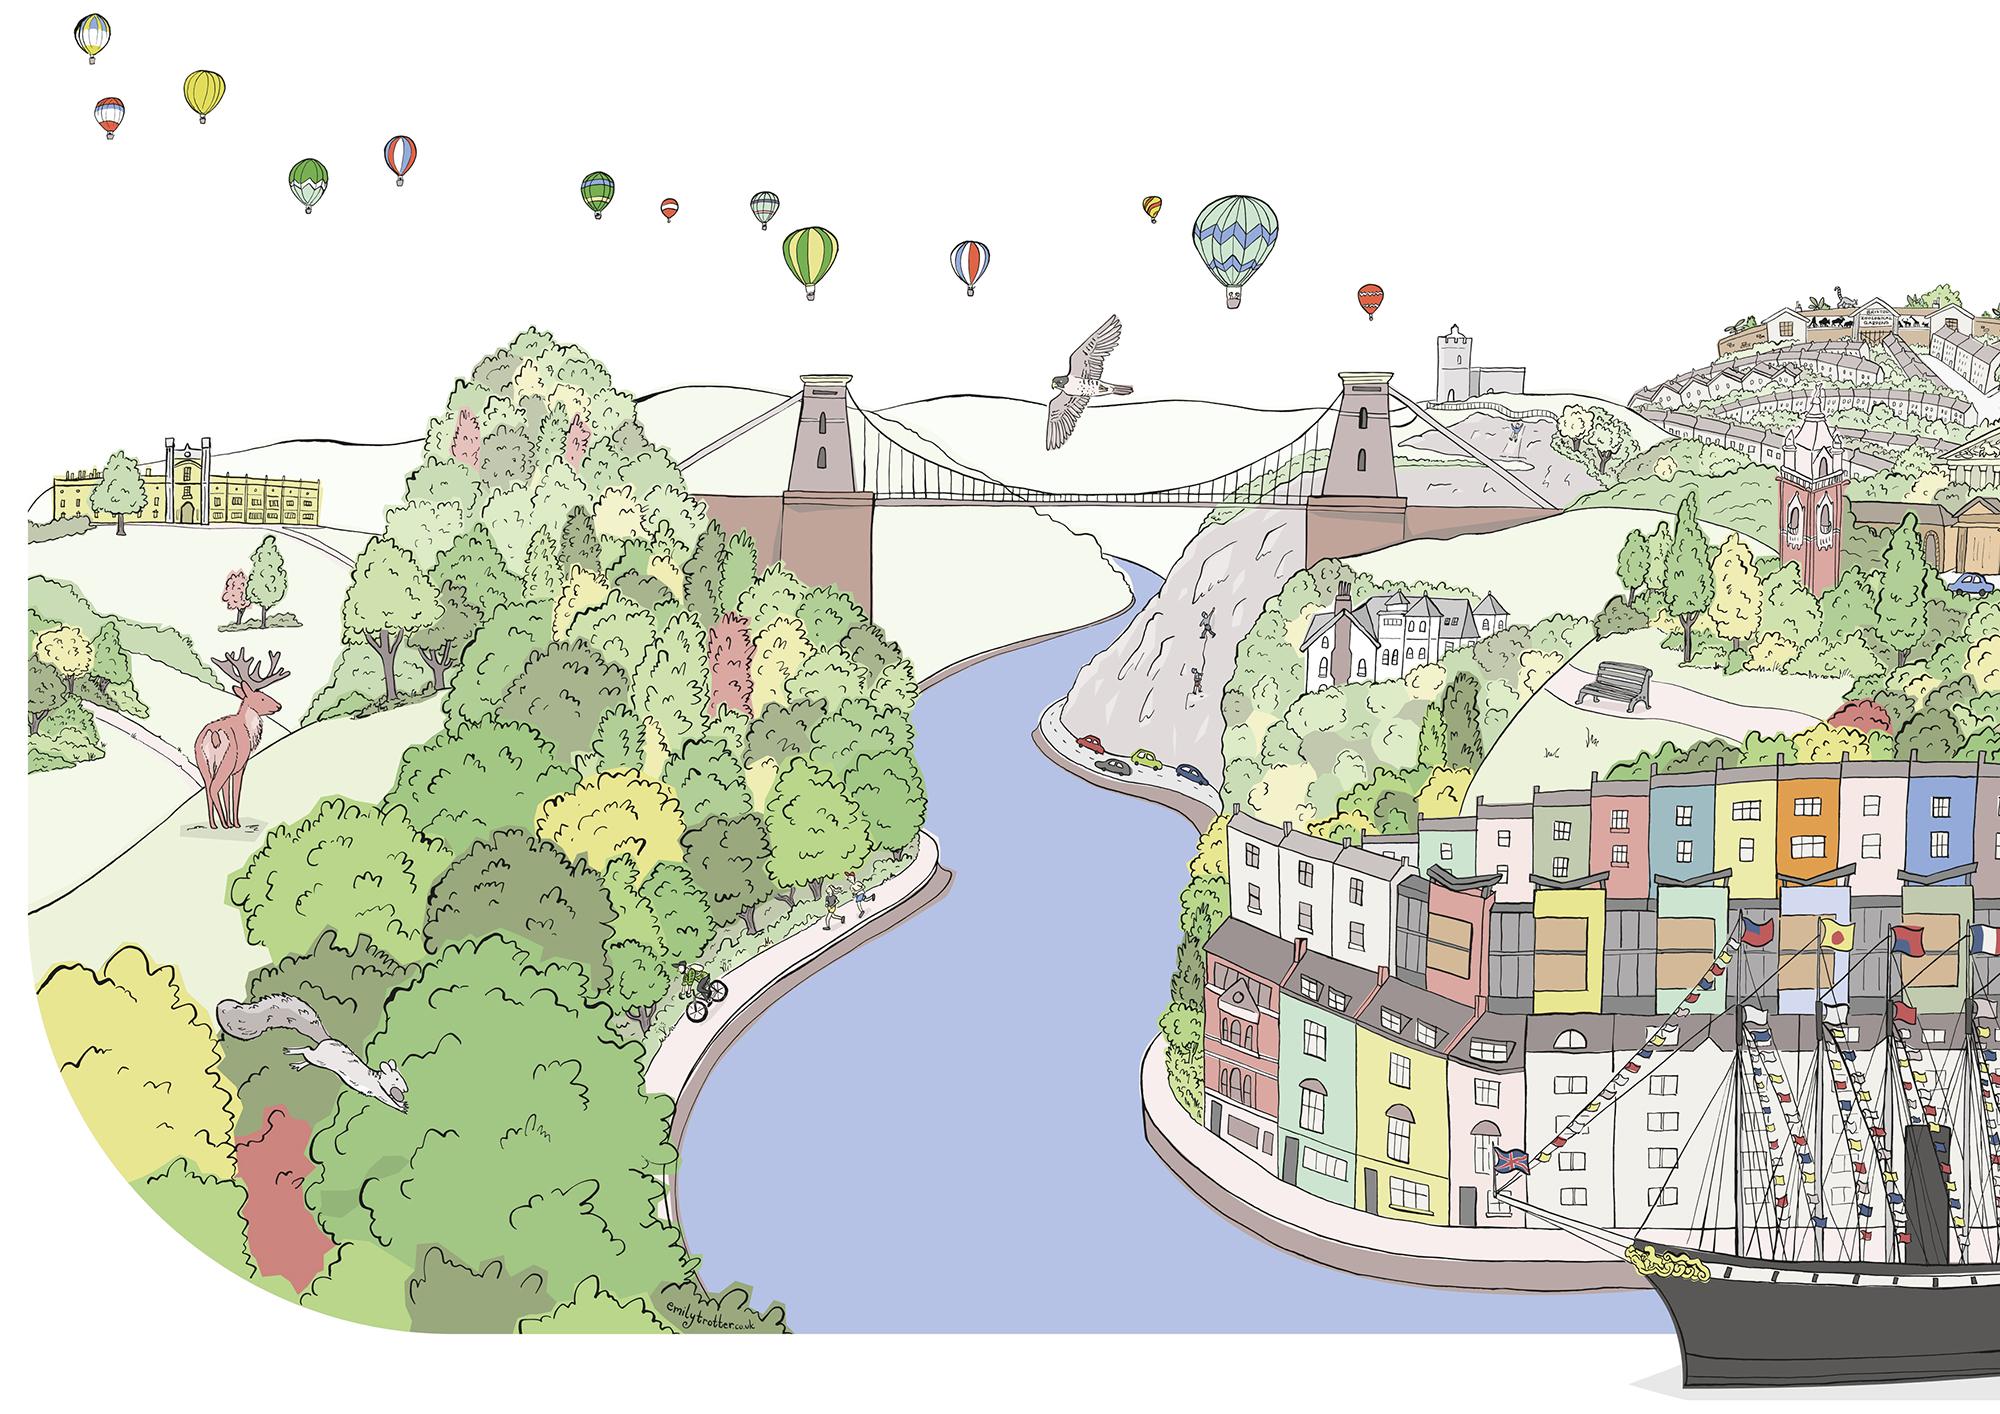 Bristol-scene-01-optimised.jpg